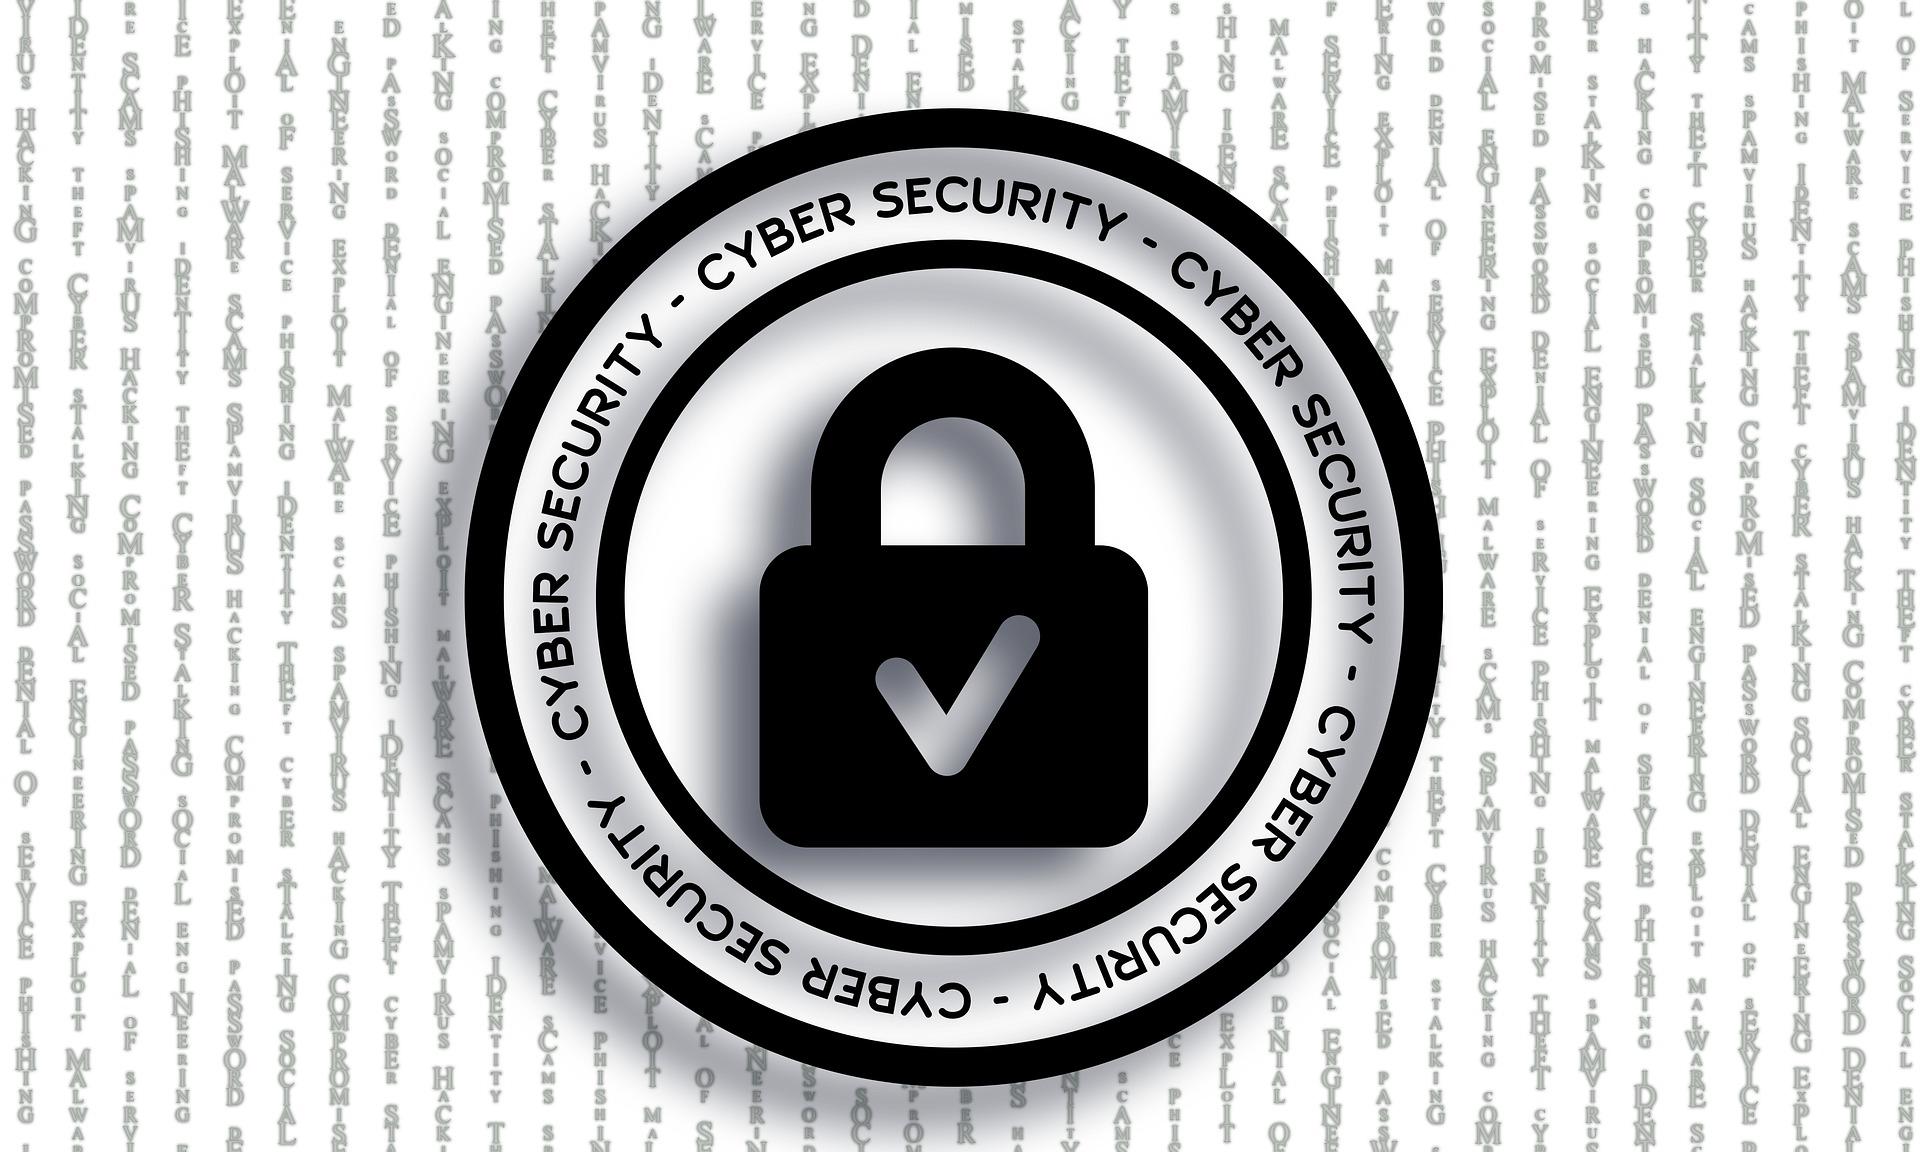 ¿Qué es una brecha de seguridad?